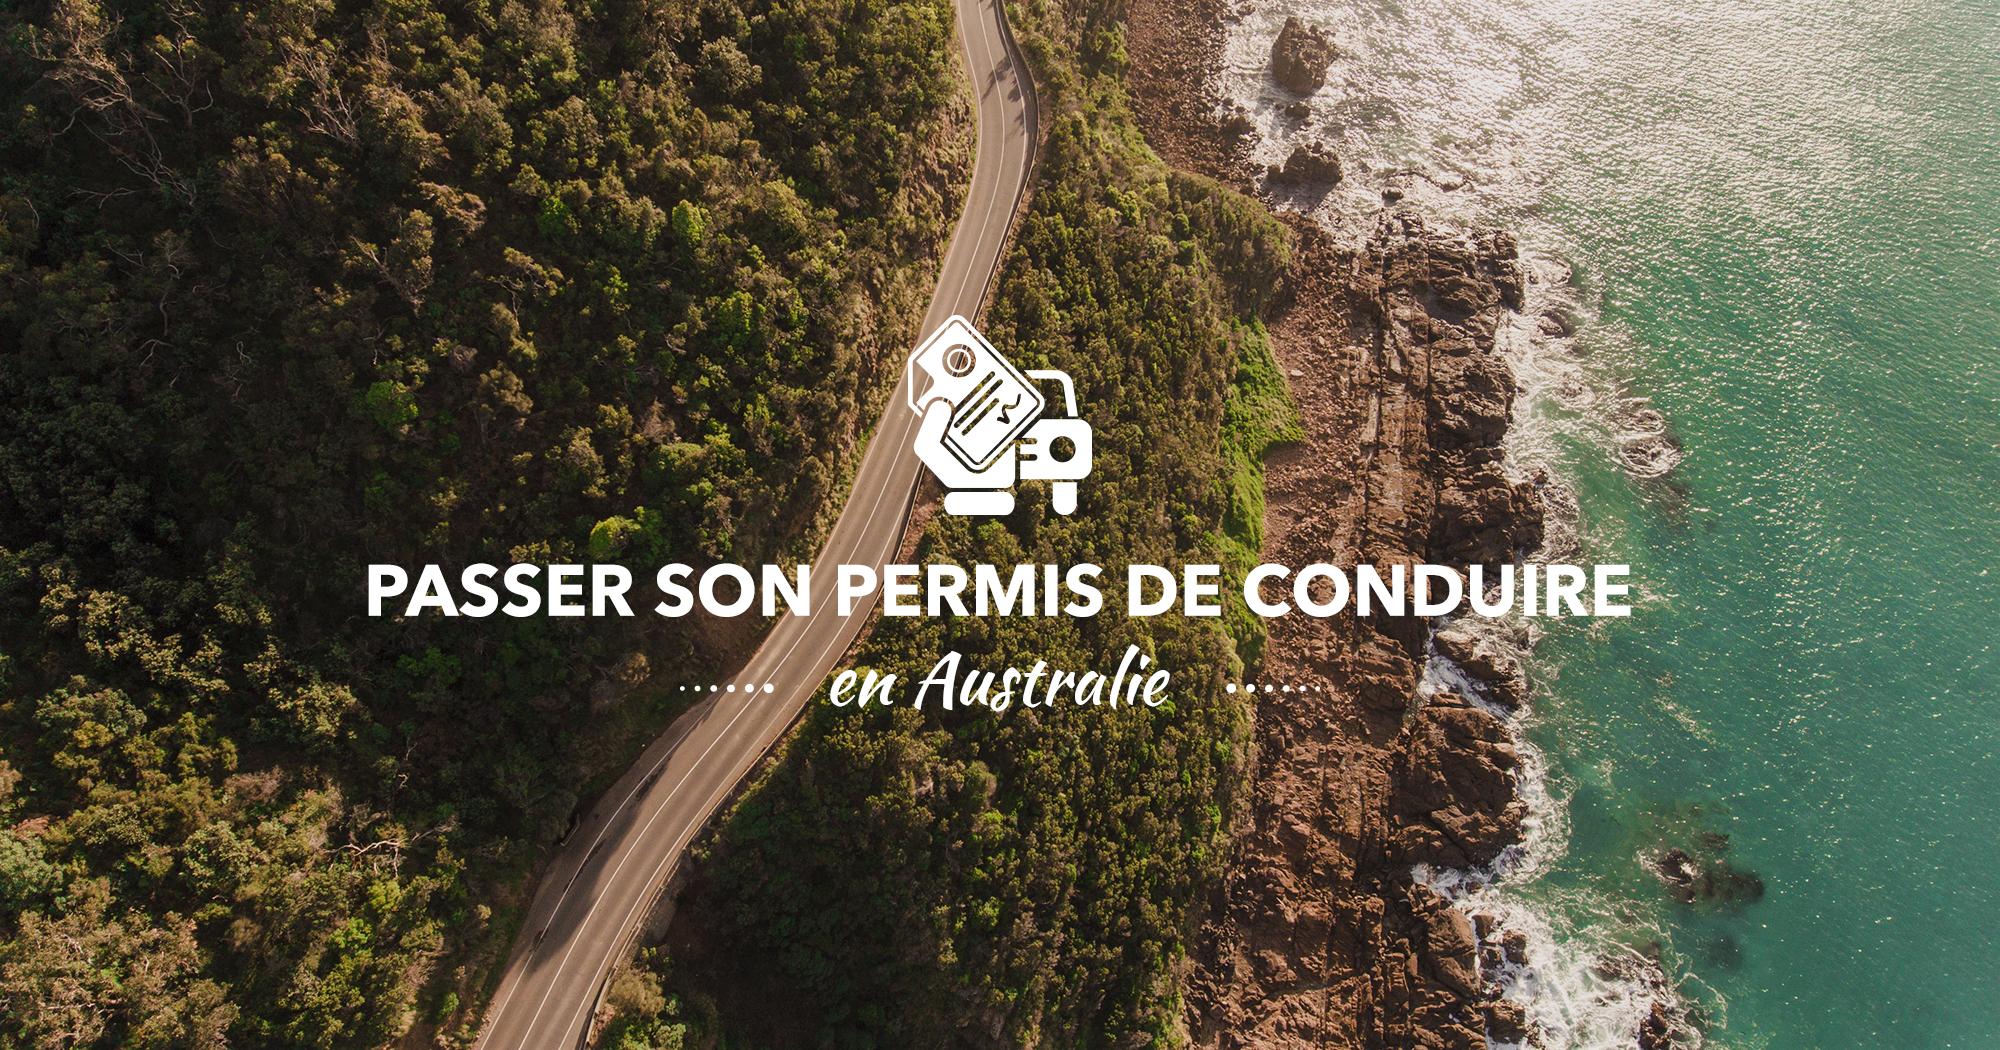 visuels-dossiers-whv-australie-passer-permis-de-conduire